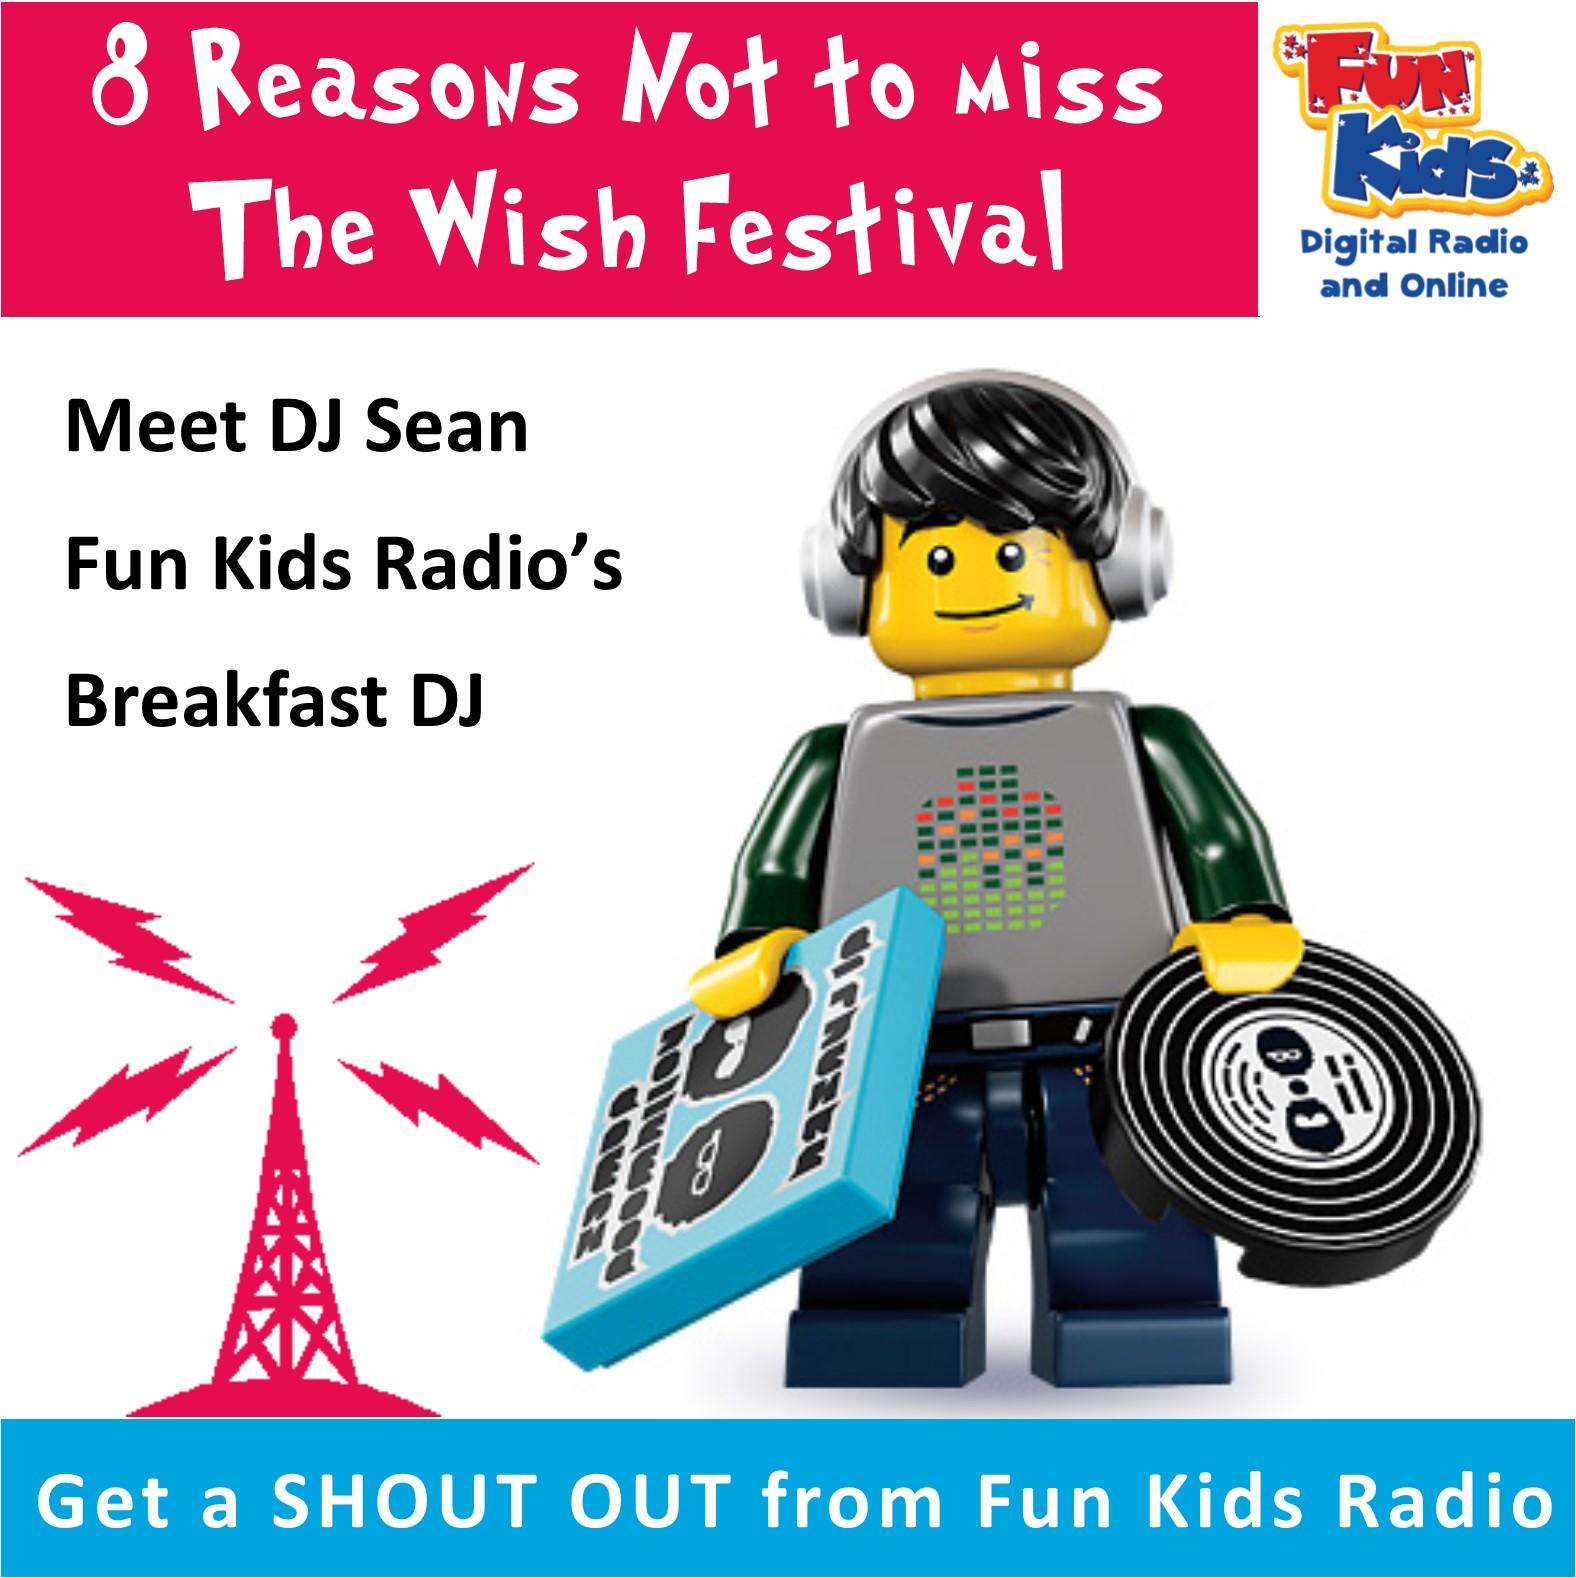 Beatie Wolfe - Wish Festival - 8 reasons - Fun Kids.jpg